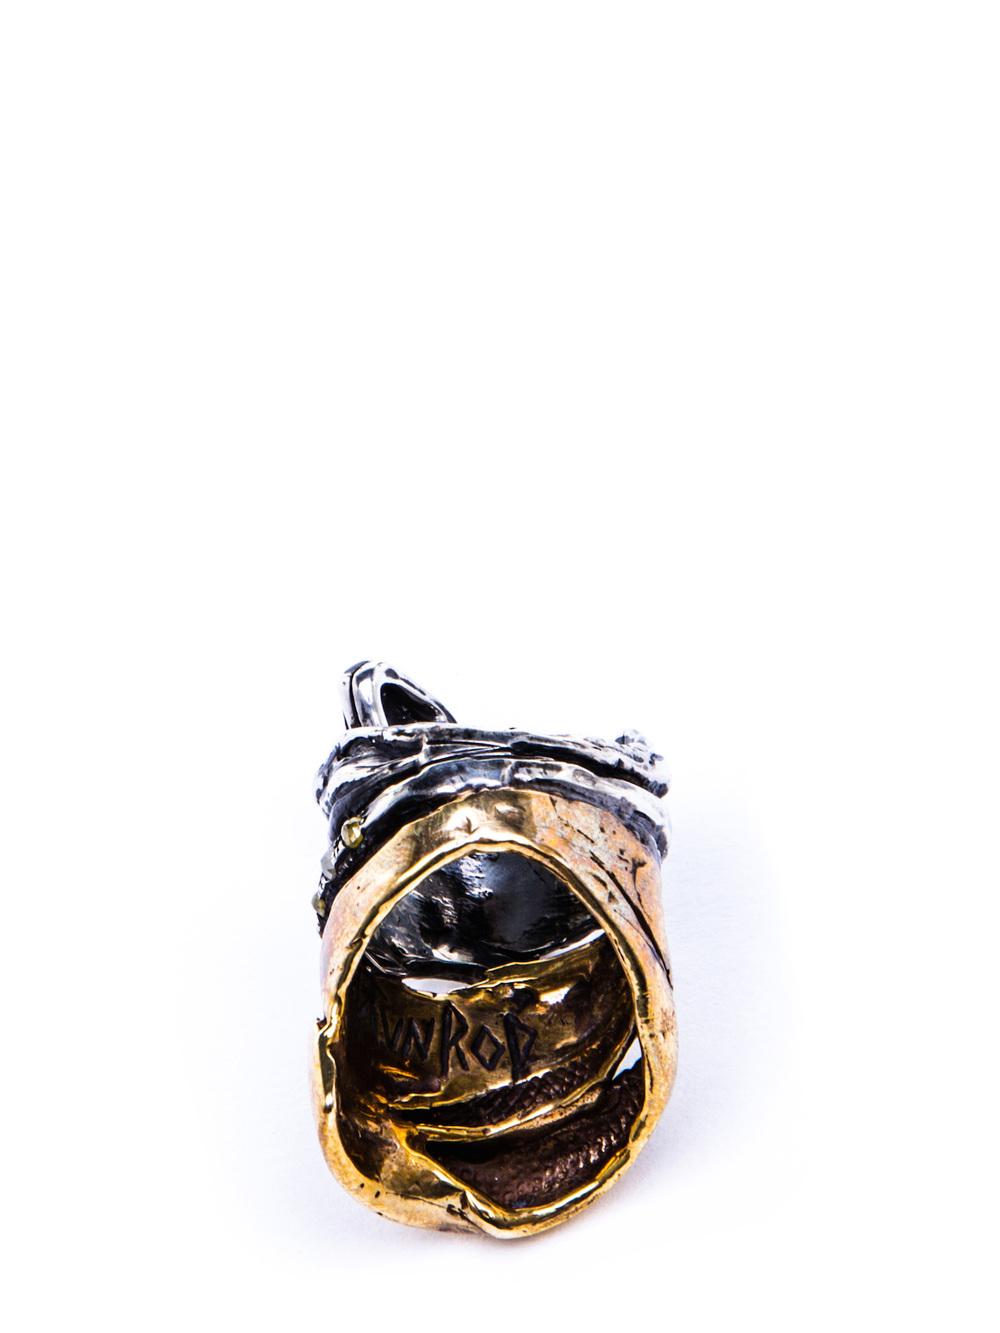 SNAKE RING image